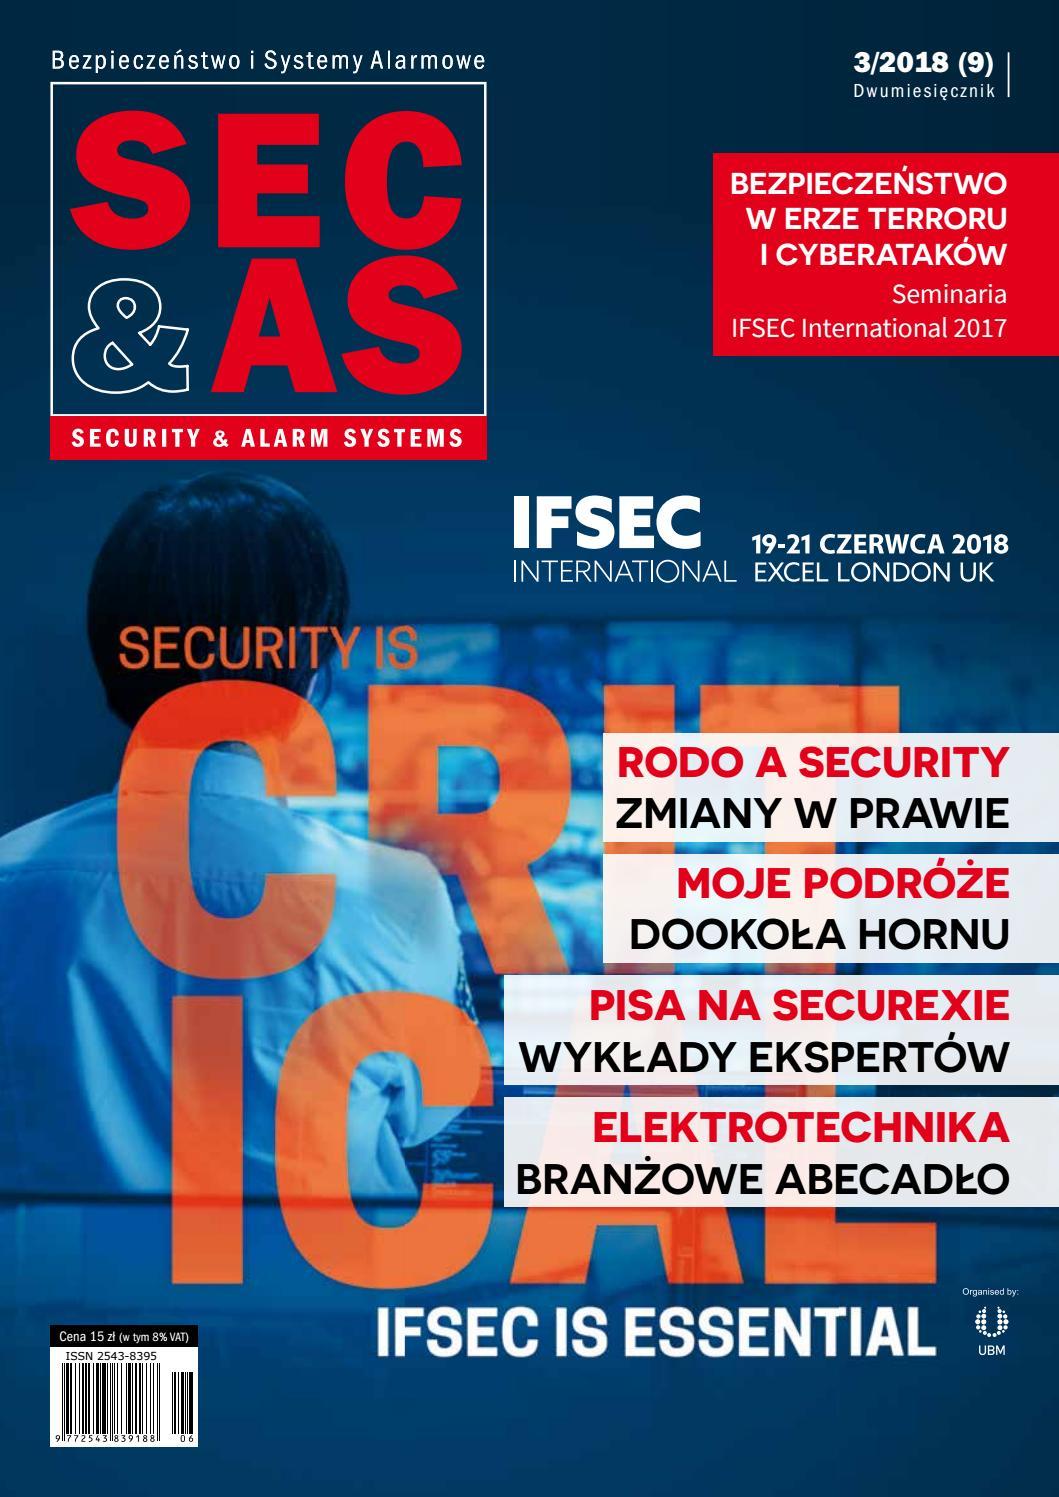 7f1cf6d2033832 SEC&AS (SECURITY & ALARM SYSTEMS) 3 2018 by PISA (Polska Izba Systemów  Alarmowych) - issuu